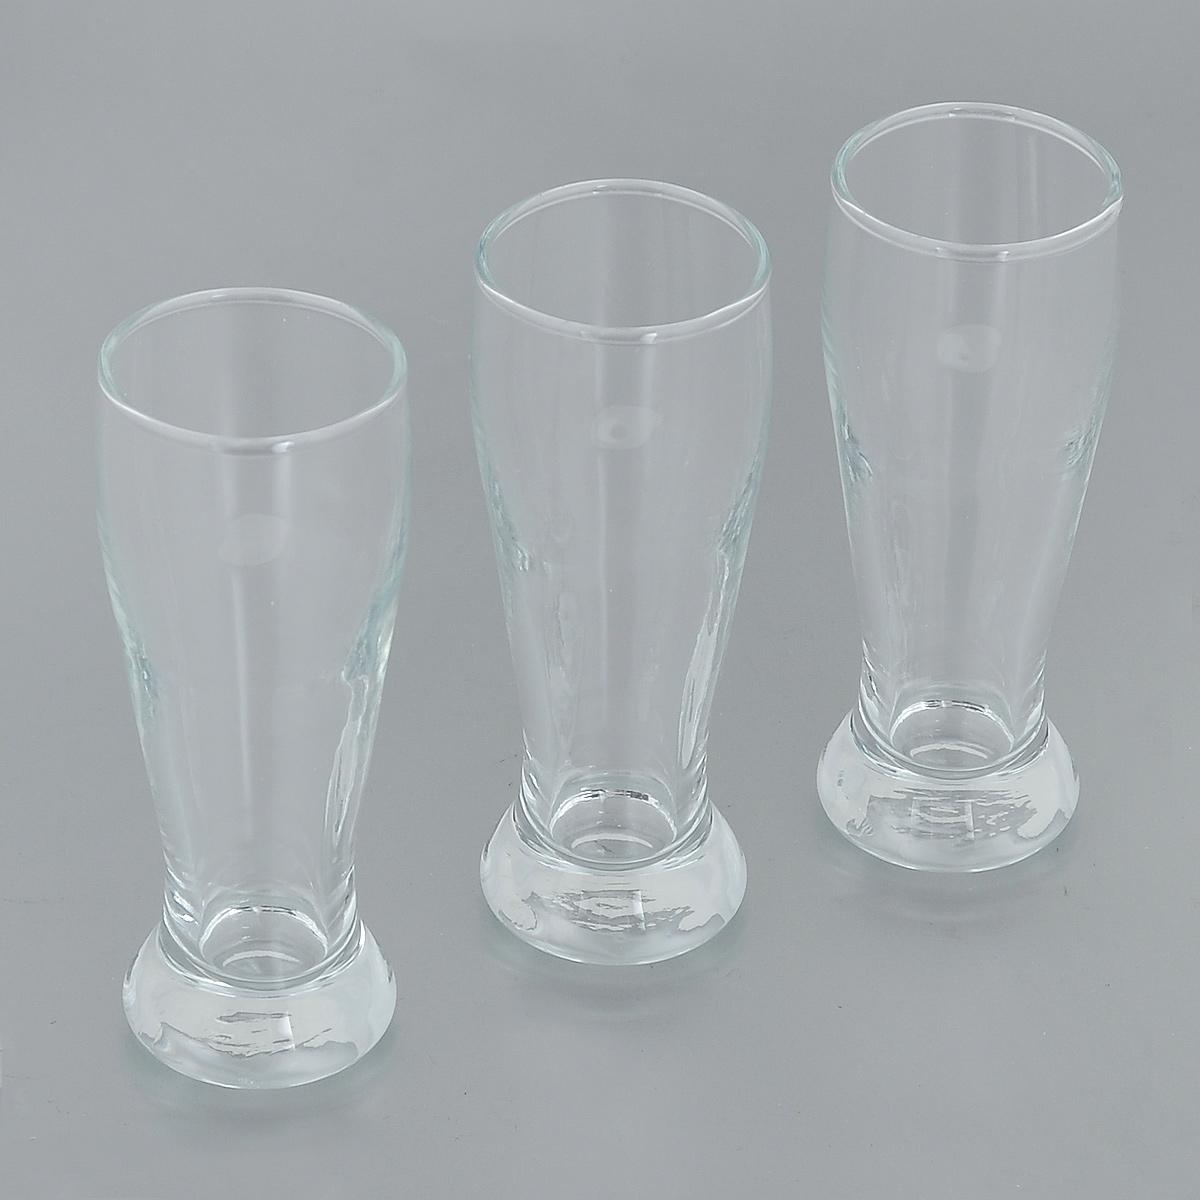 Набор рюмок Pasabahce Pub, 60 мл, 3 штVT-1520(SR)Набор Pasabahce Pub состоит из трех рюмок, изготовленных из прочного натрий-кальций-силикатного стекла. Изделия, предназначенные для подачи водки и других спиртных напитков, несомненно придутся вам по душе. Рюмки сочетают в себе элегантный дизайн и функциональность. Благодаря такому набору пить напитки будет еще вкуснее. Набор рюмок Pasabahce Pub идеально подойдет для сервировки стола и станет отличным подарком к любому празднику.Можно мыть в посудомоечной машине и использовать в микроволновой печи. Диаметр рюмки по верхнему краю: 4 см.Высота рюмки: 10,5 см.